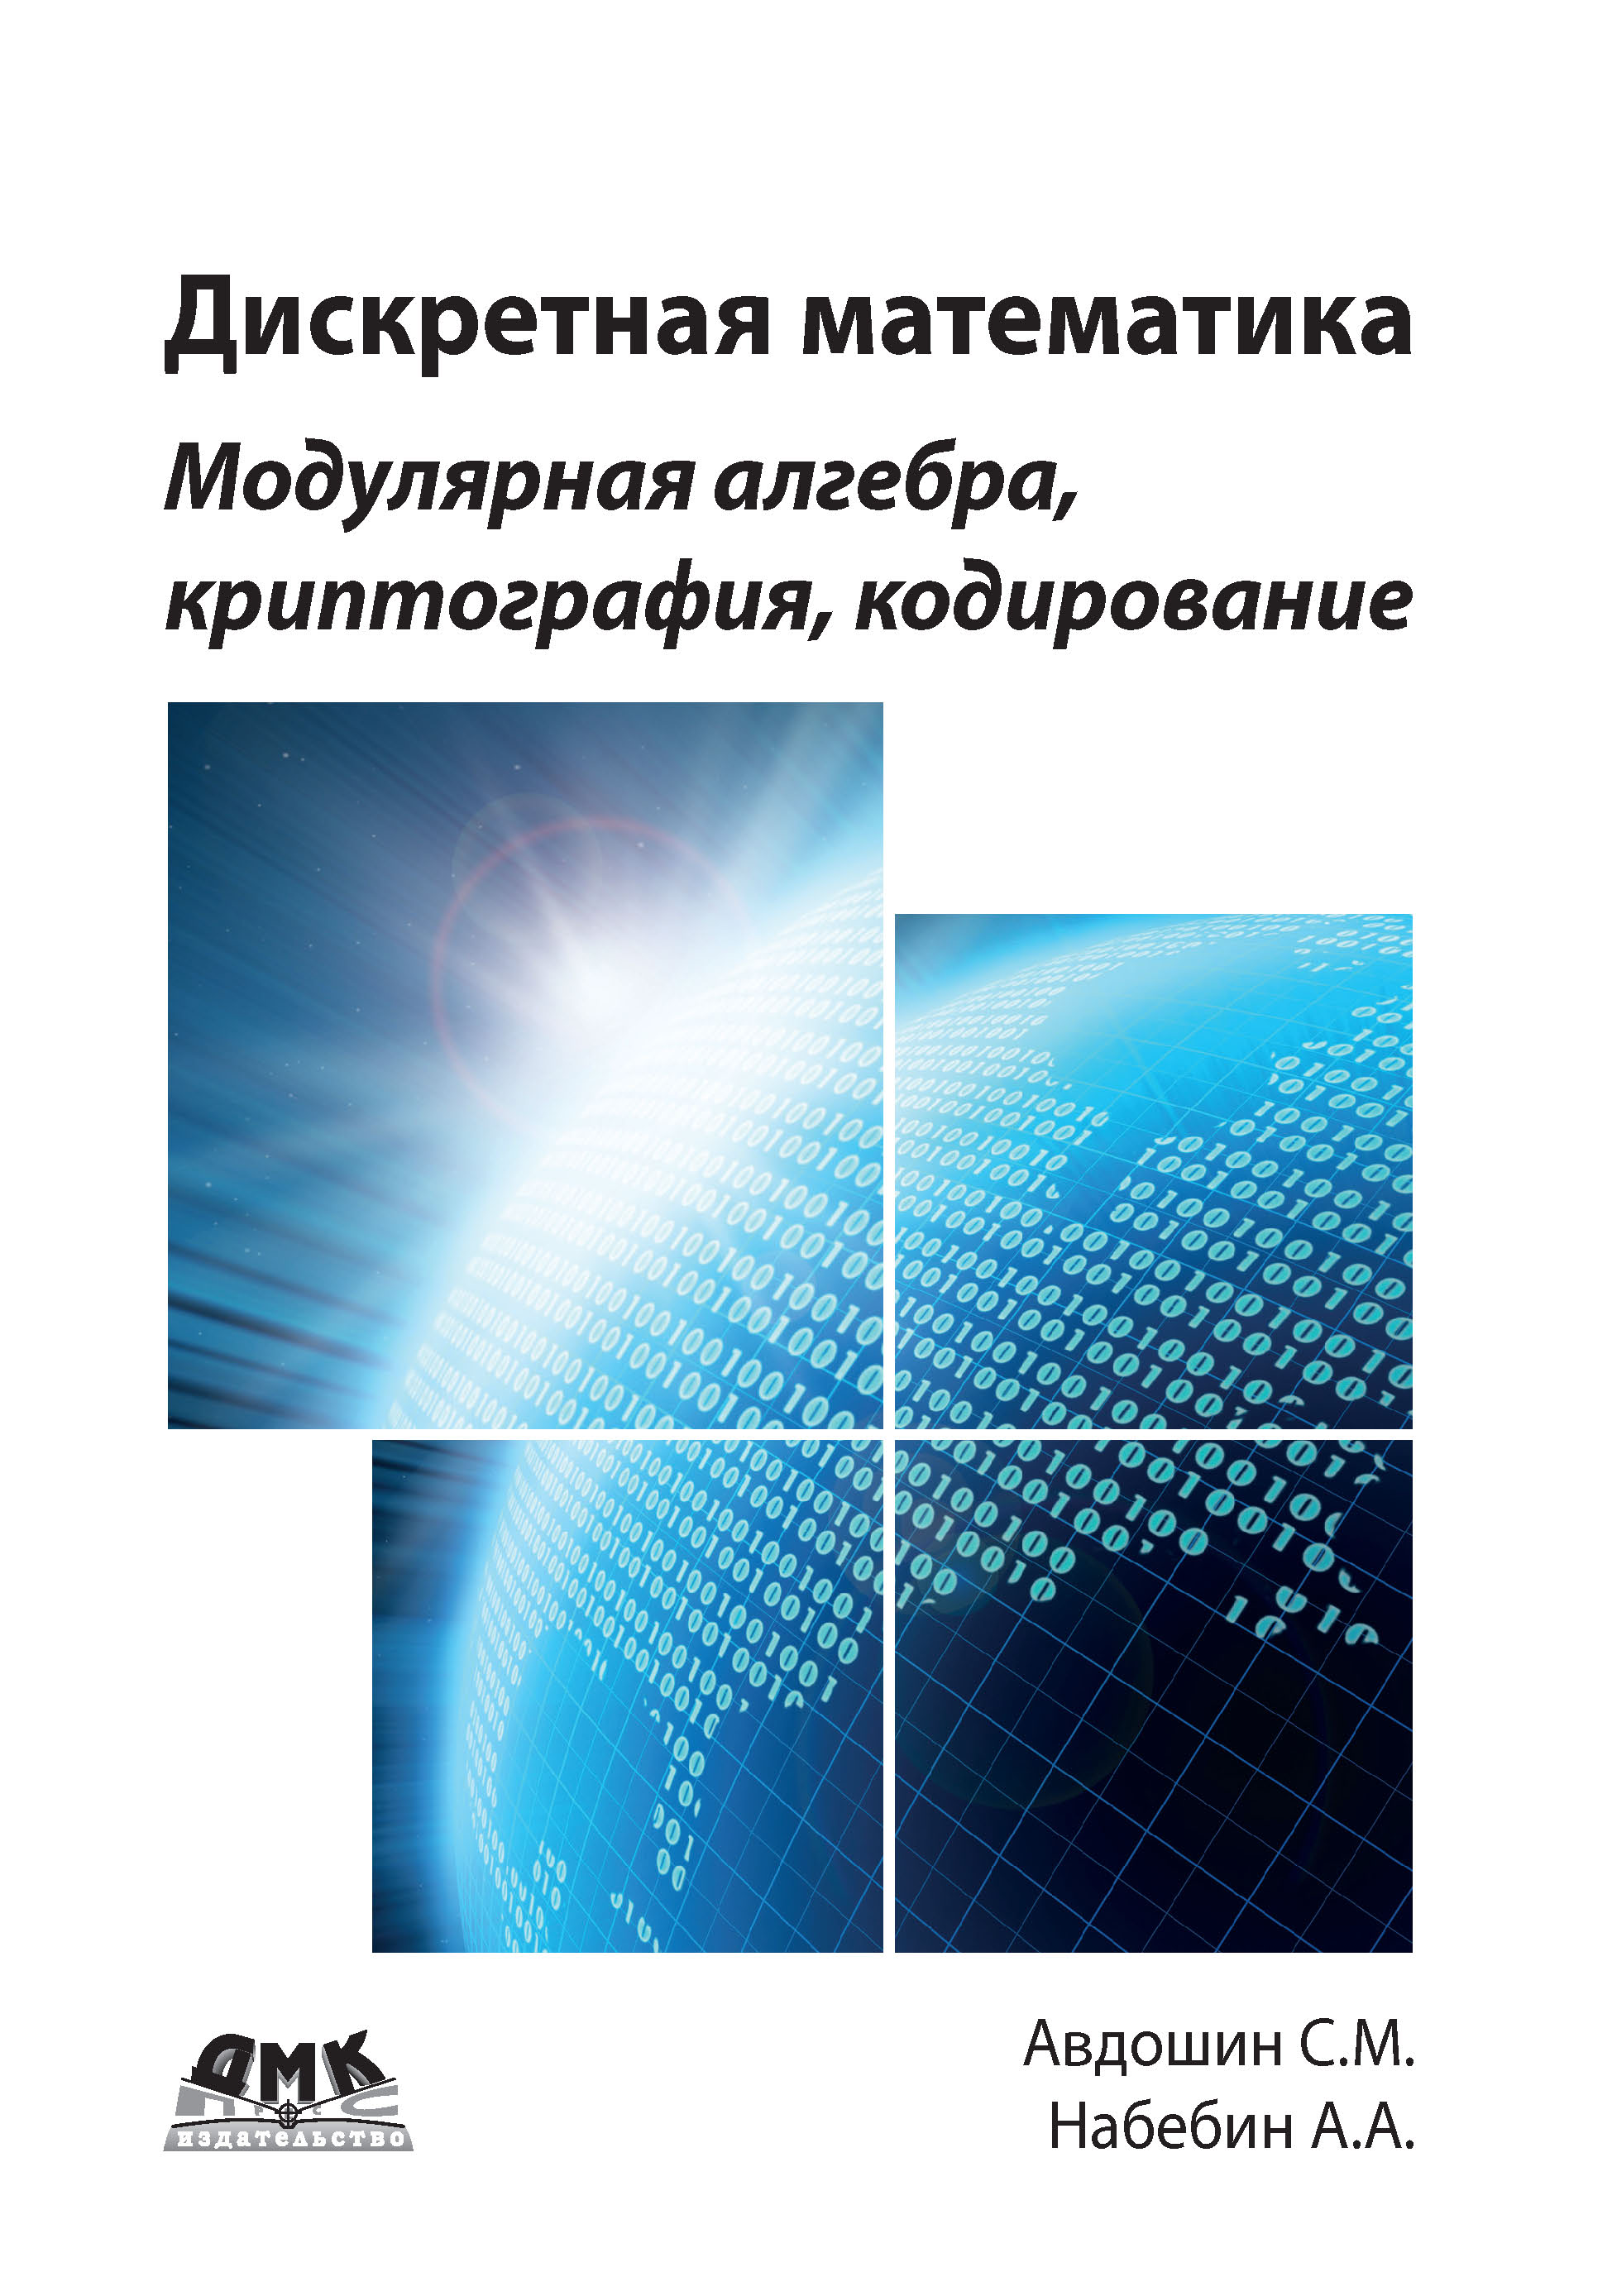 С. М. Авдошин Дискретная математика. Модулярная алгебра, криптография, кодирование с м авдошин а а набебин дискретная математика формально логические системы и языки